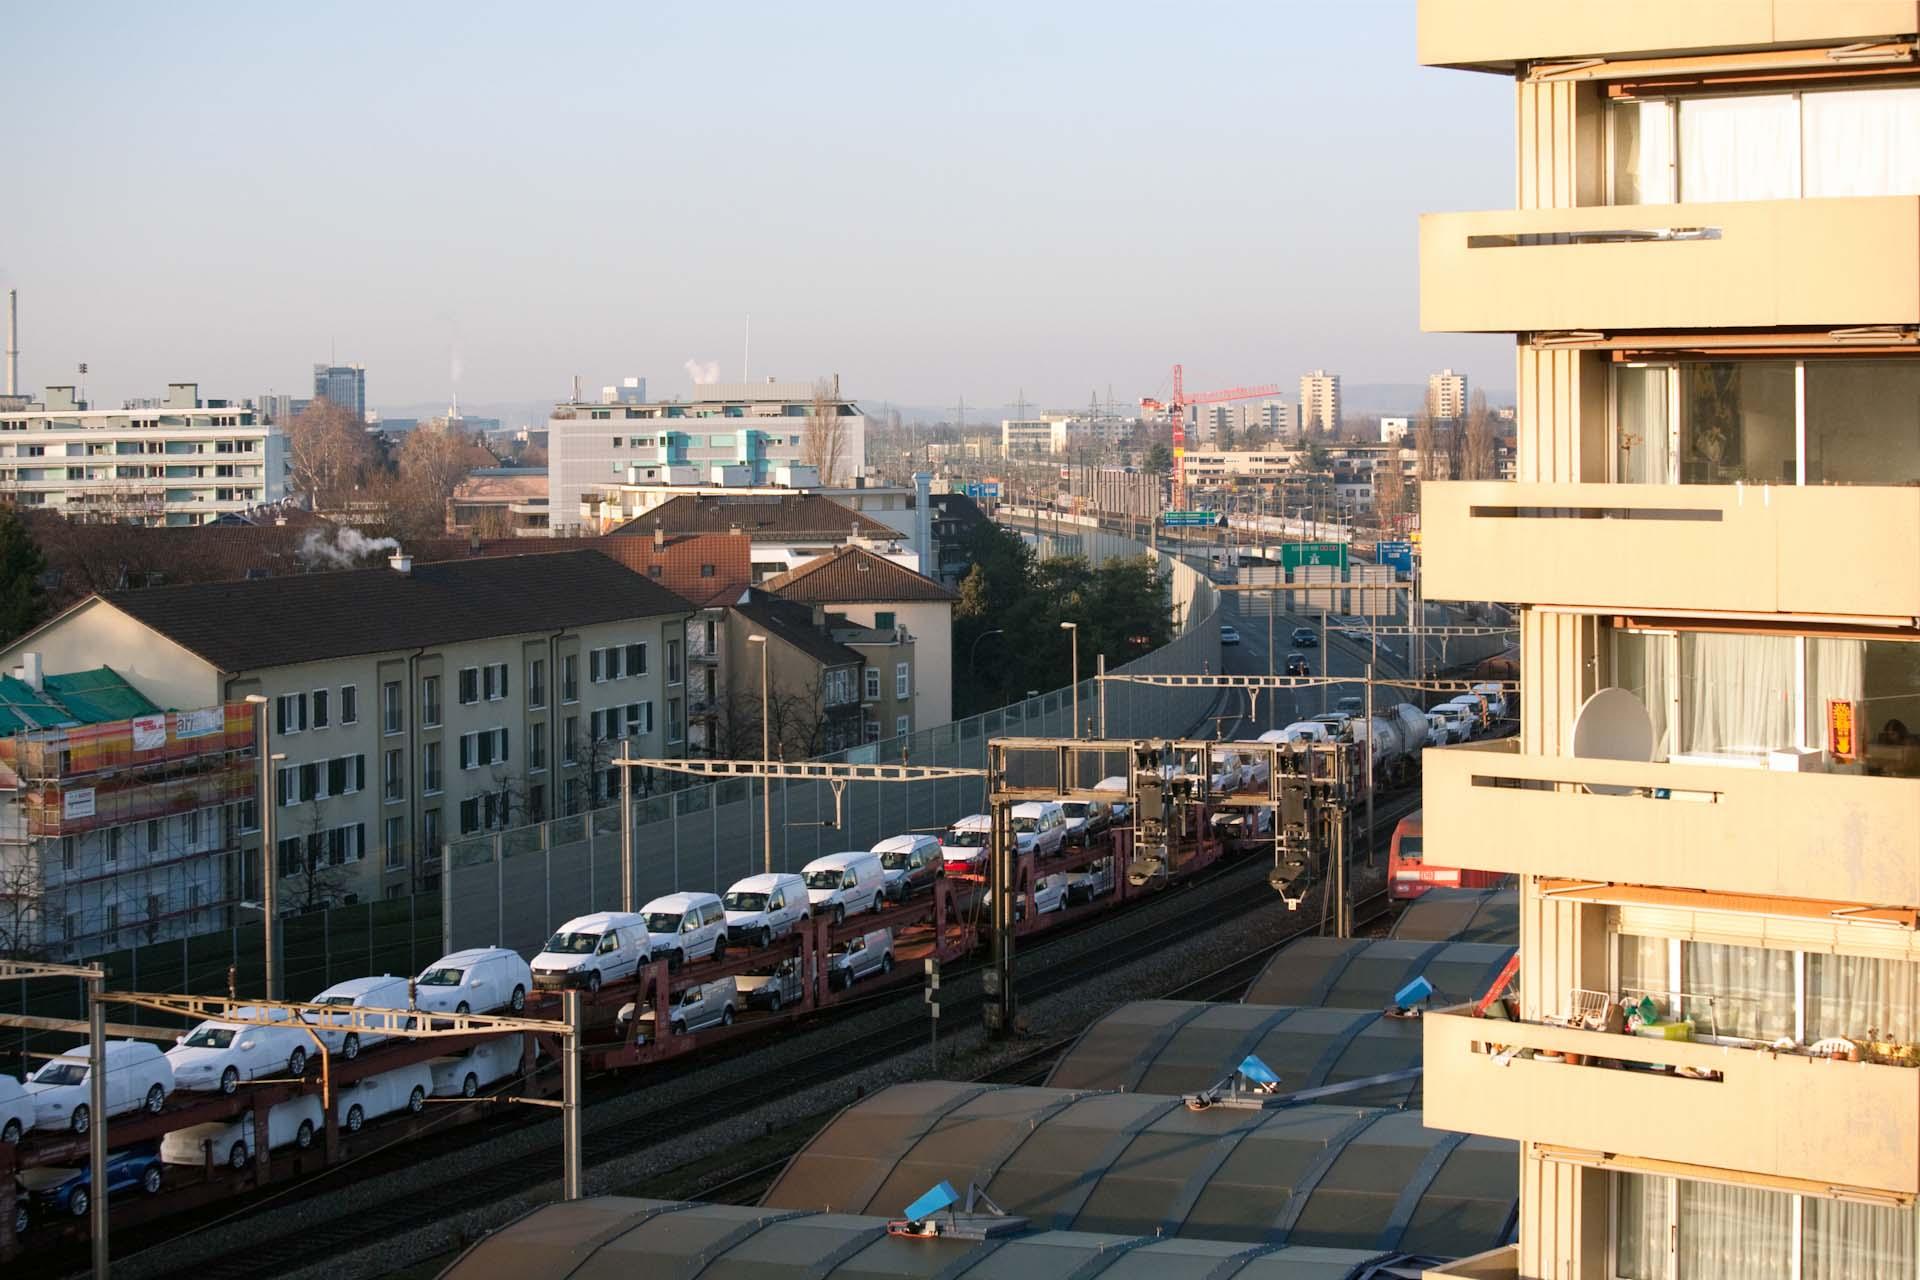 """""""Durch das Panoramafenster seines Wohnzimmers überblickt er ganz Basel. Unten rauscht die Autobahn Richtung Deutschland, daneben auf den Schienen fahren die ICEs nach Amsterdam, Paris, Prag."""""""